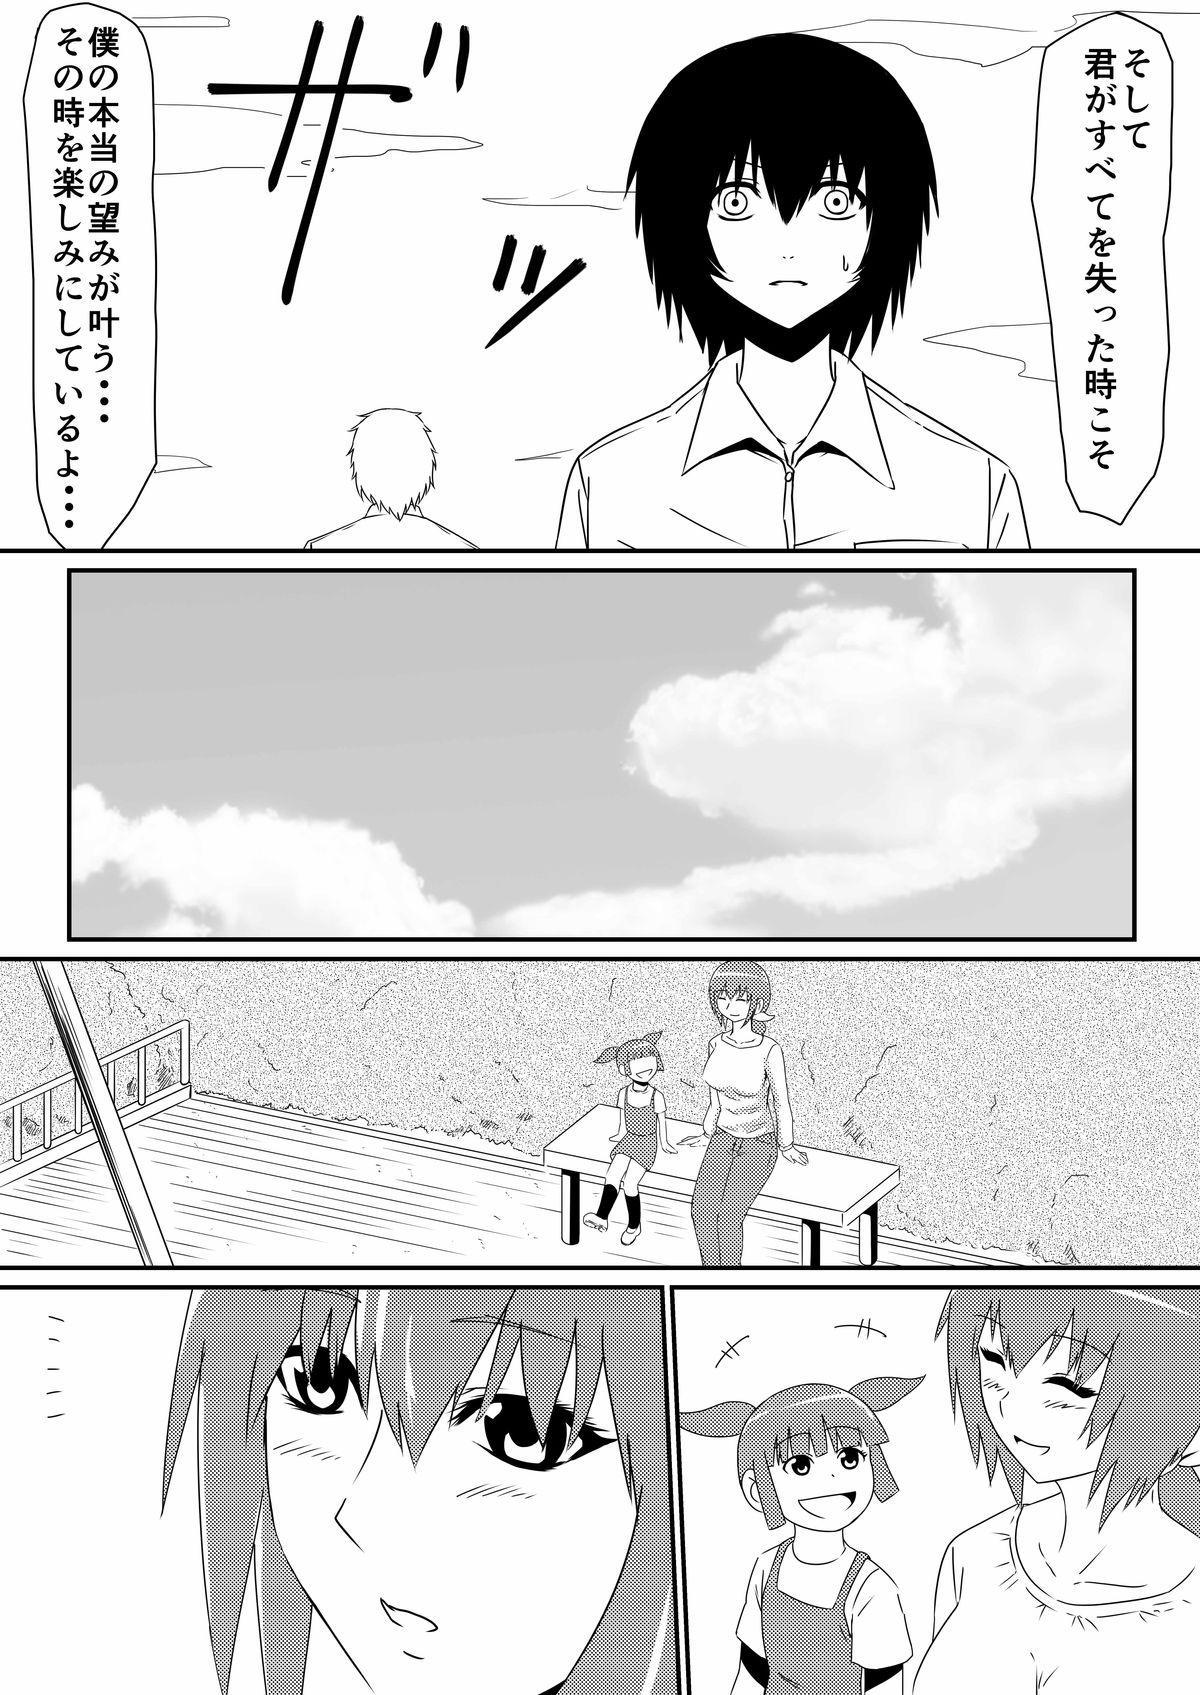 [Mikezoutei] Mashou no Chinko o Motsu Shounen ~Kare no Dankon wa Josei o Mesu e to Kaeru~ Zenpen 33